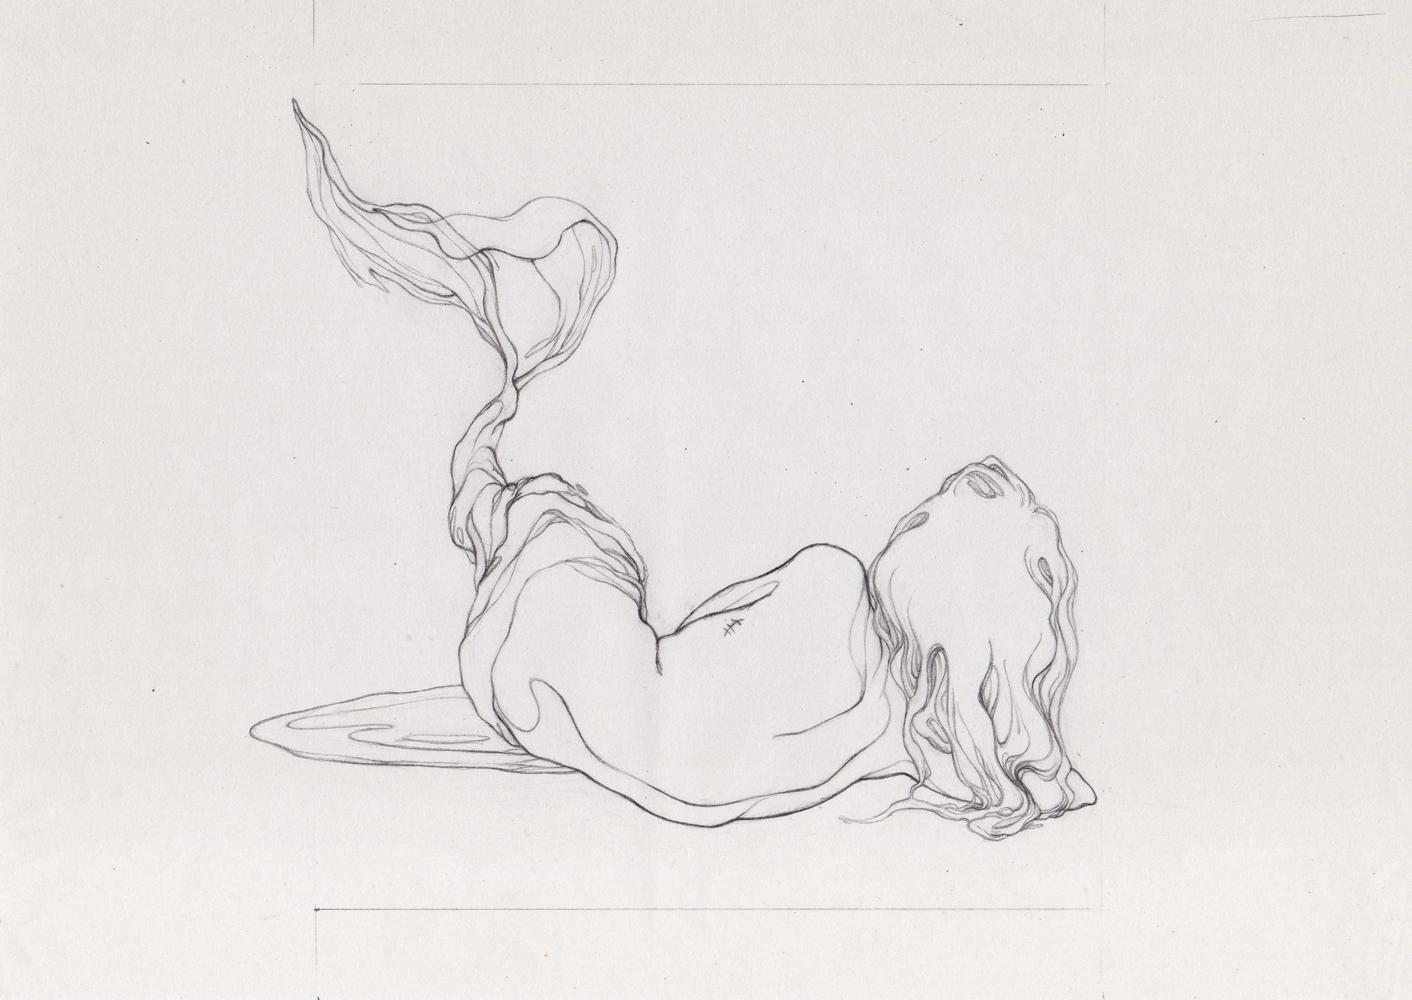 mermaid_sketch.jpg